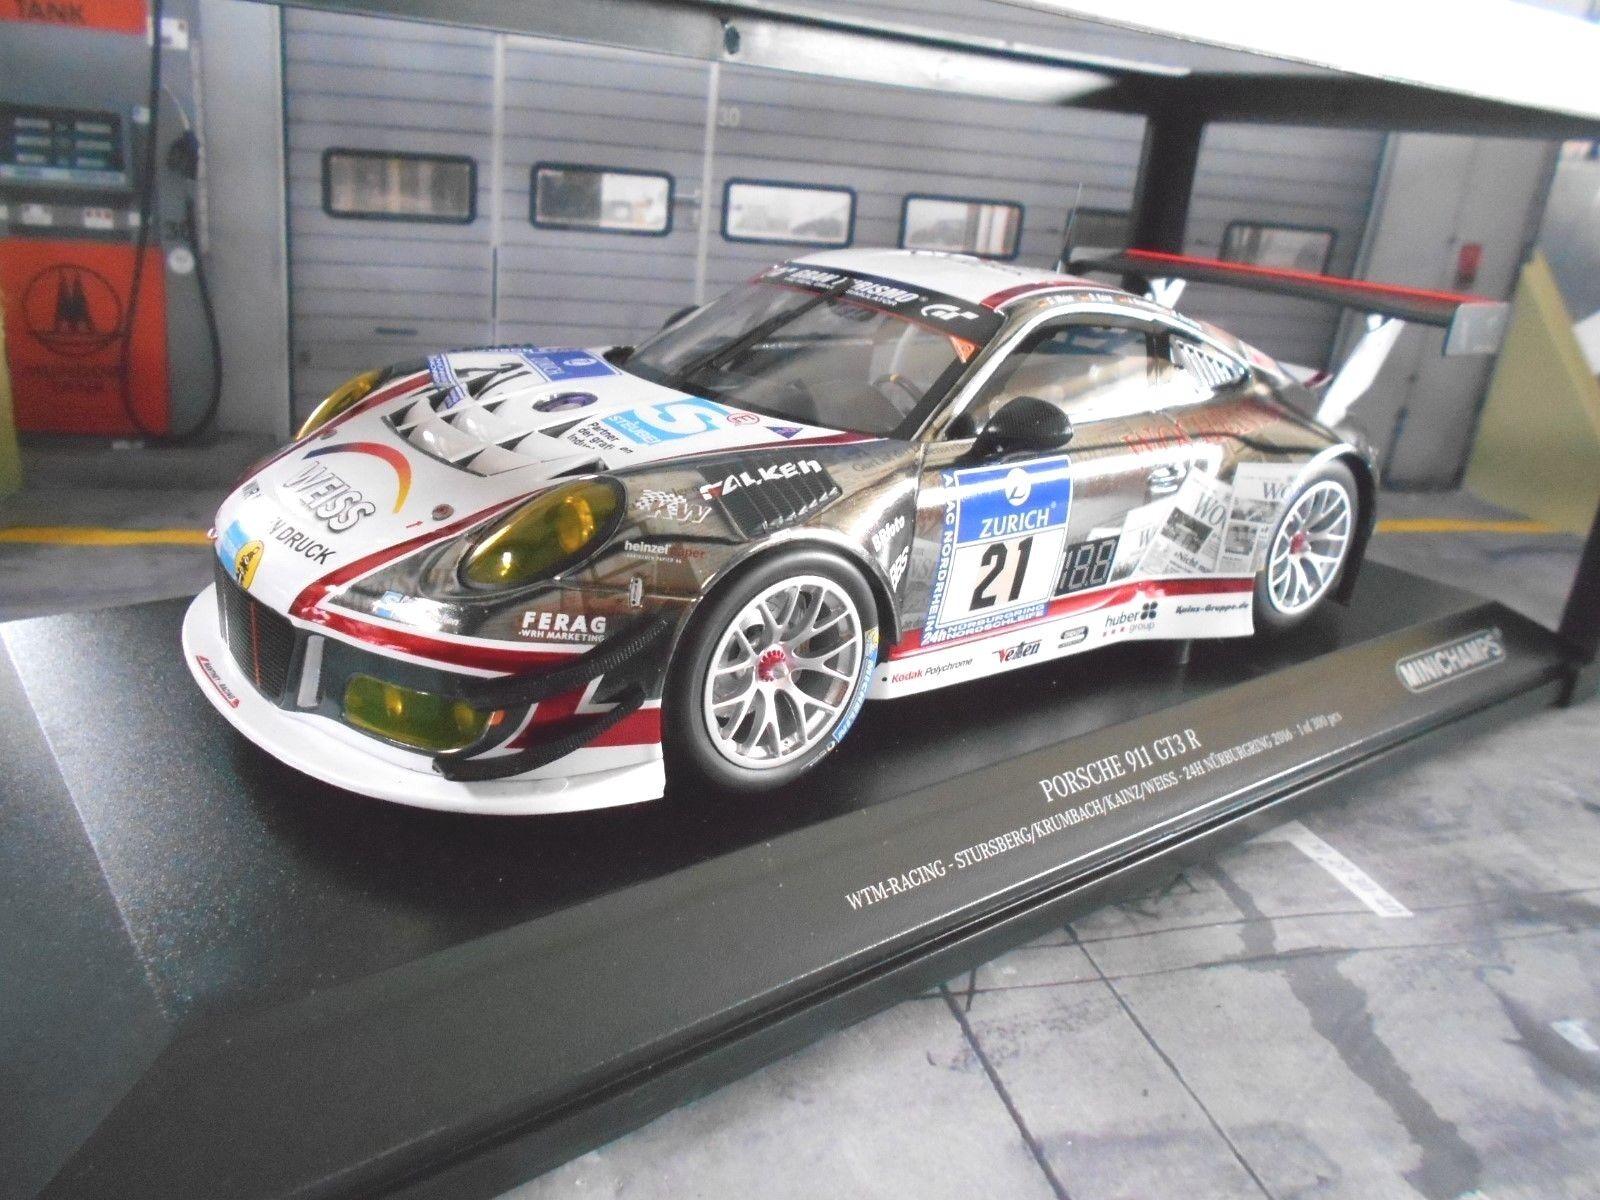 PORSCHE 911 991 R GT3 24h Nürburgring 2016 Manthey Wochenspiegel Minichamps 1 18